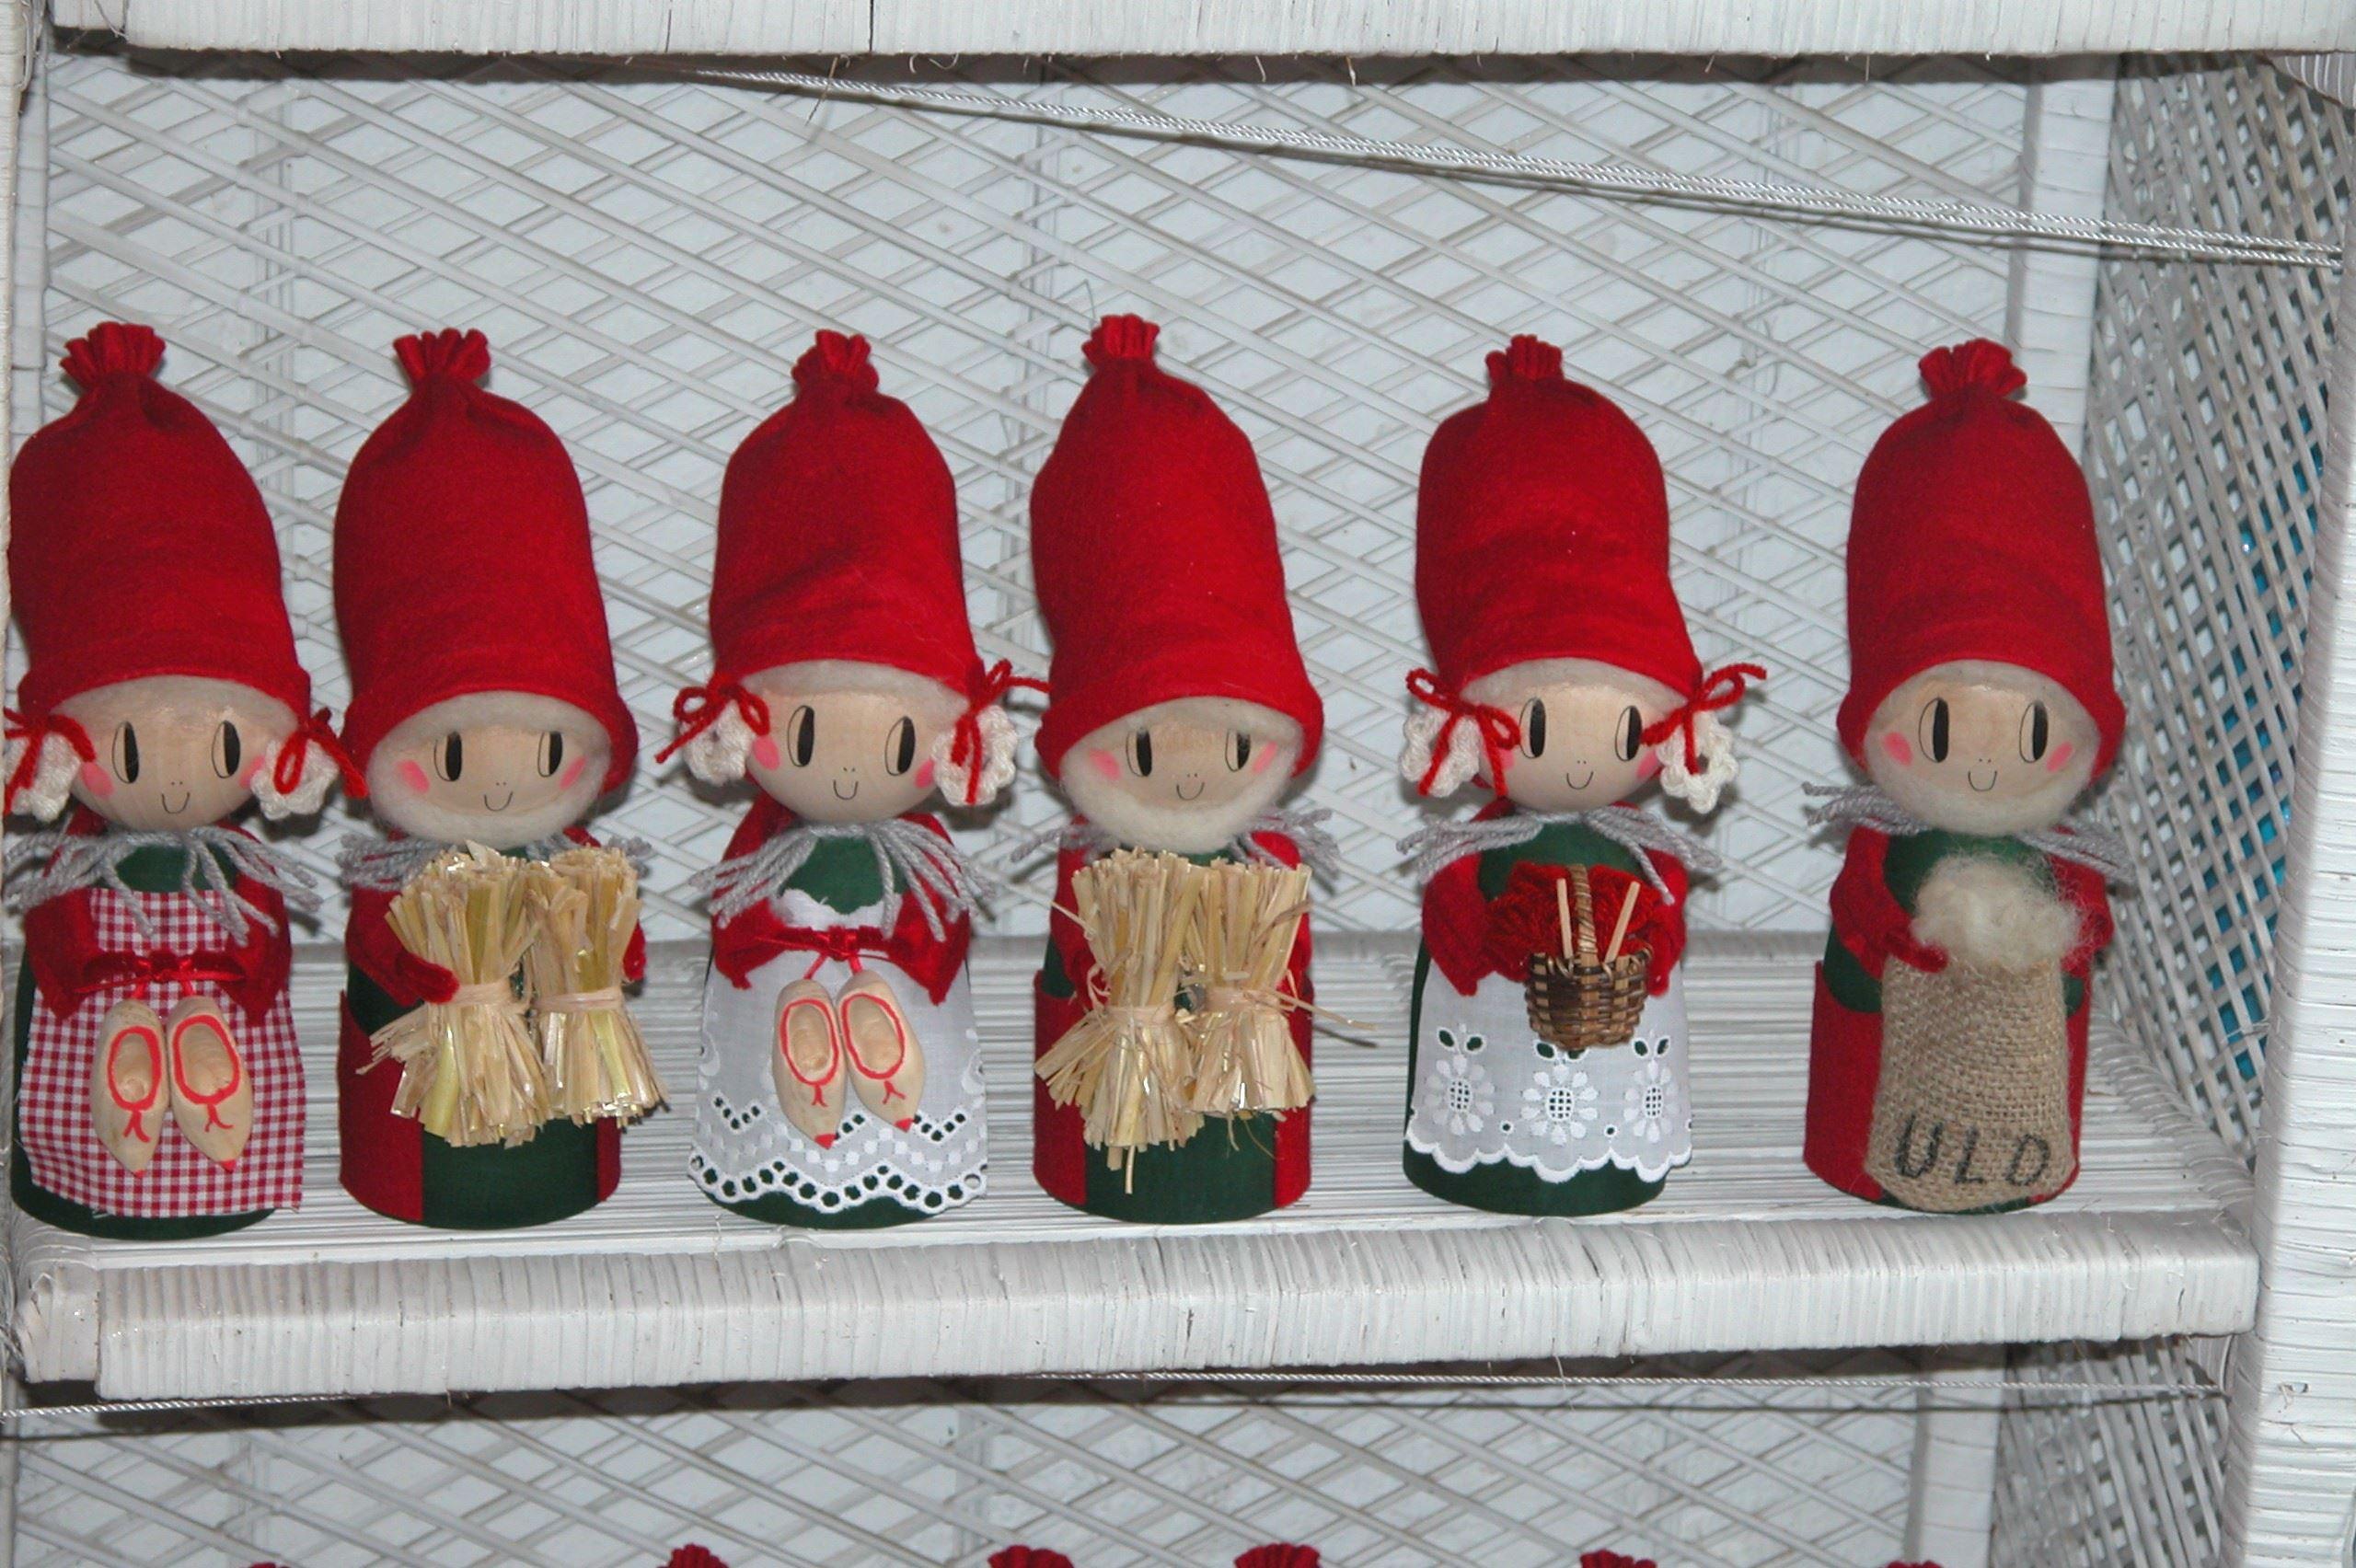 Julen i Ystads julkalender - lucka nummer 21